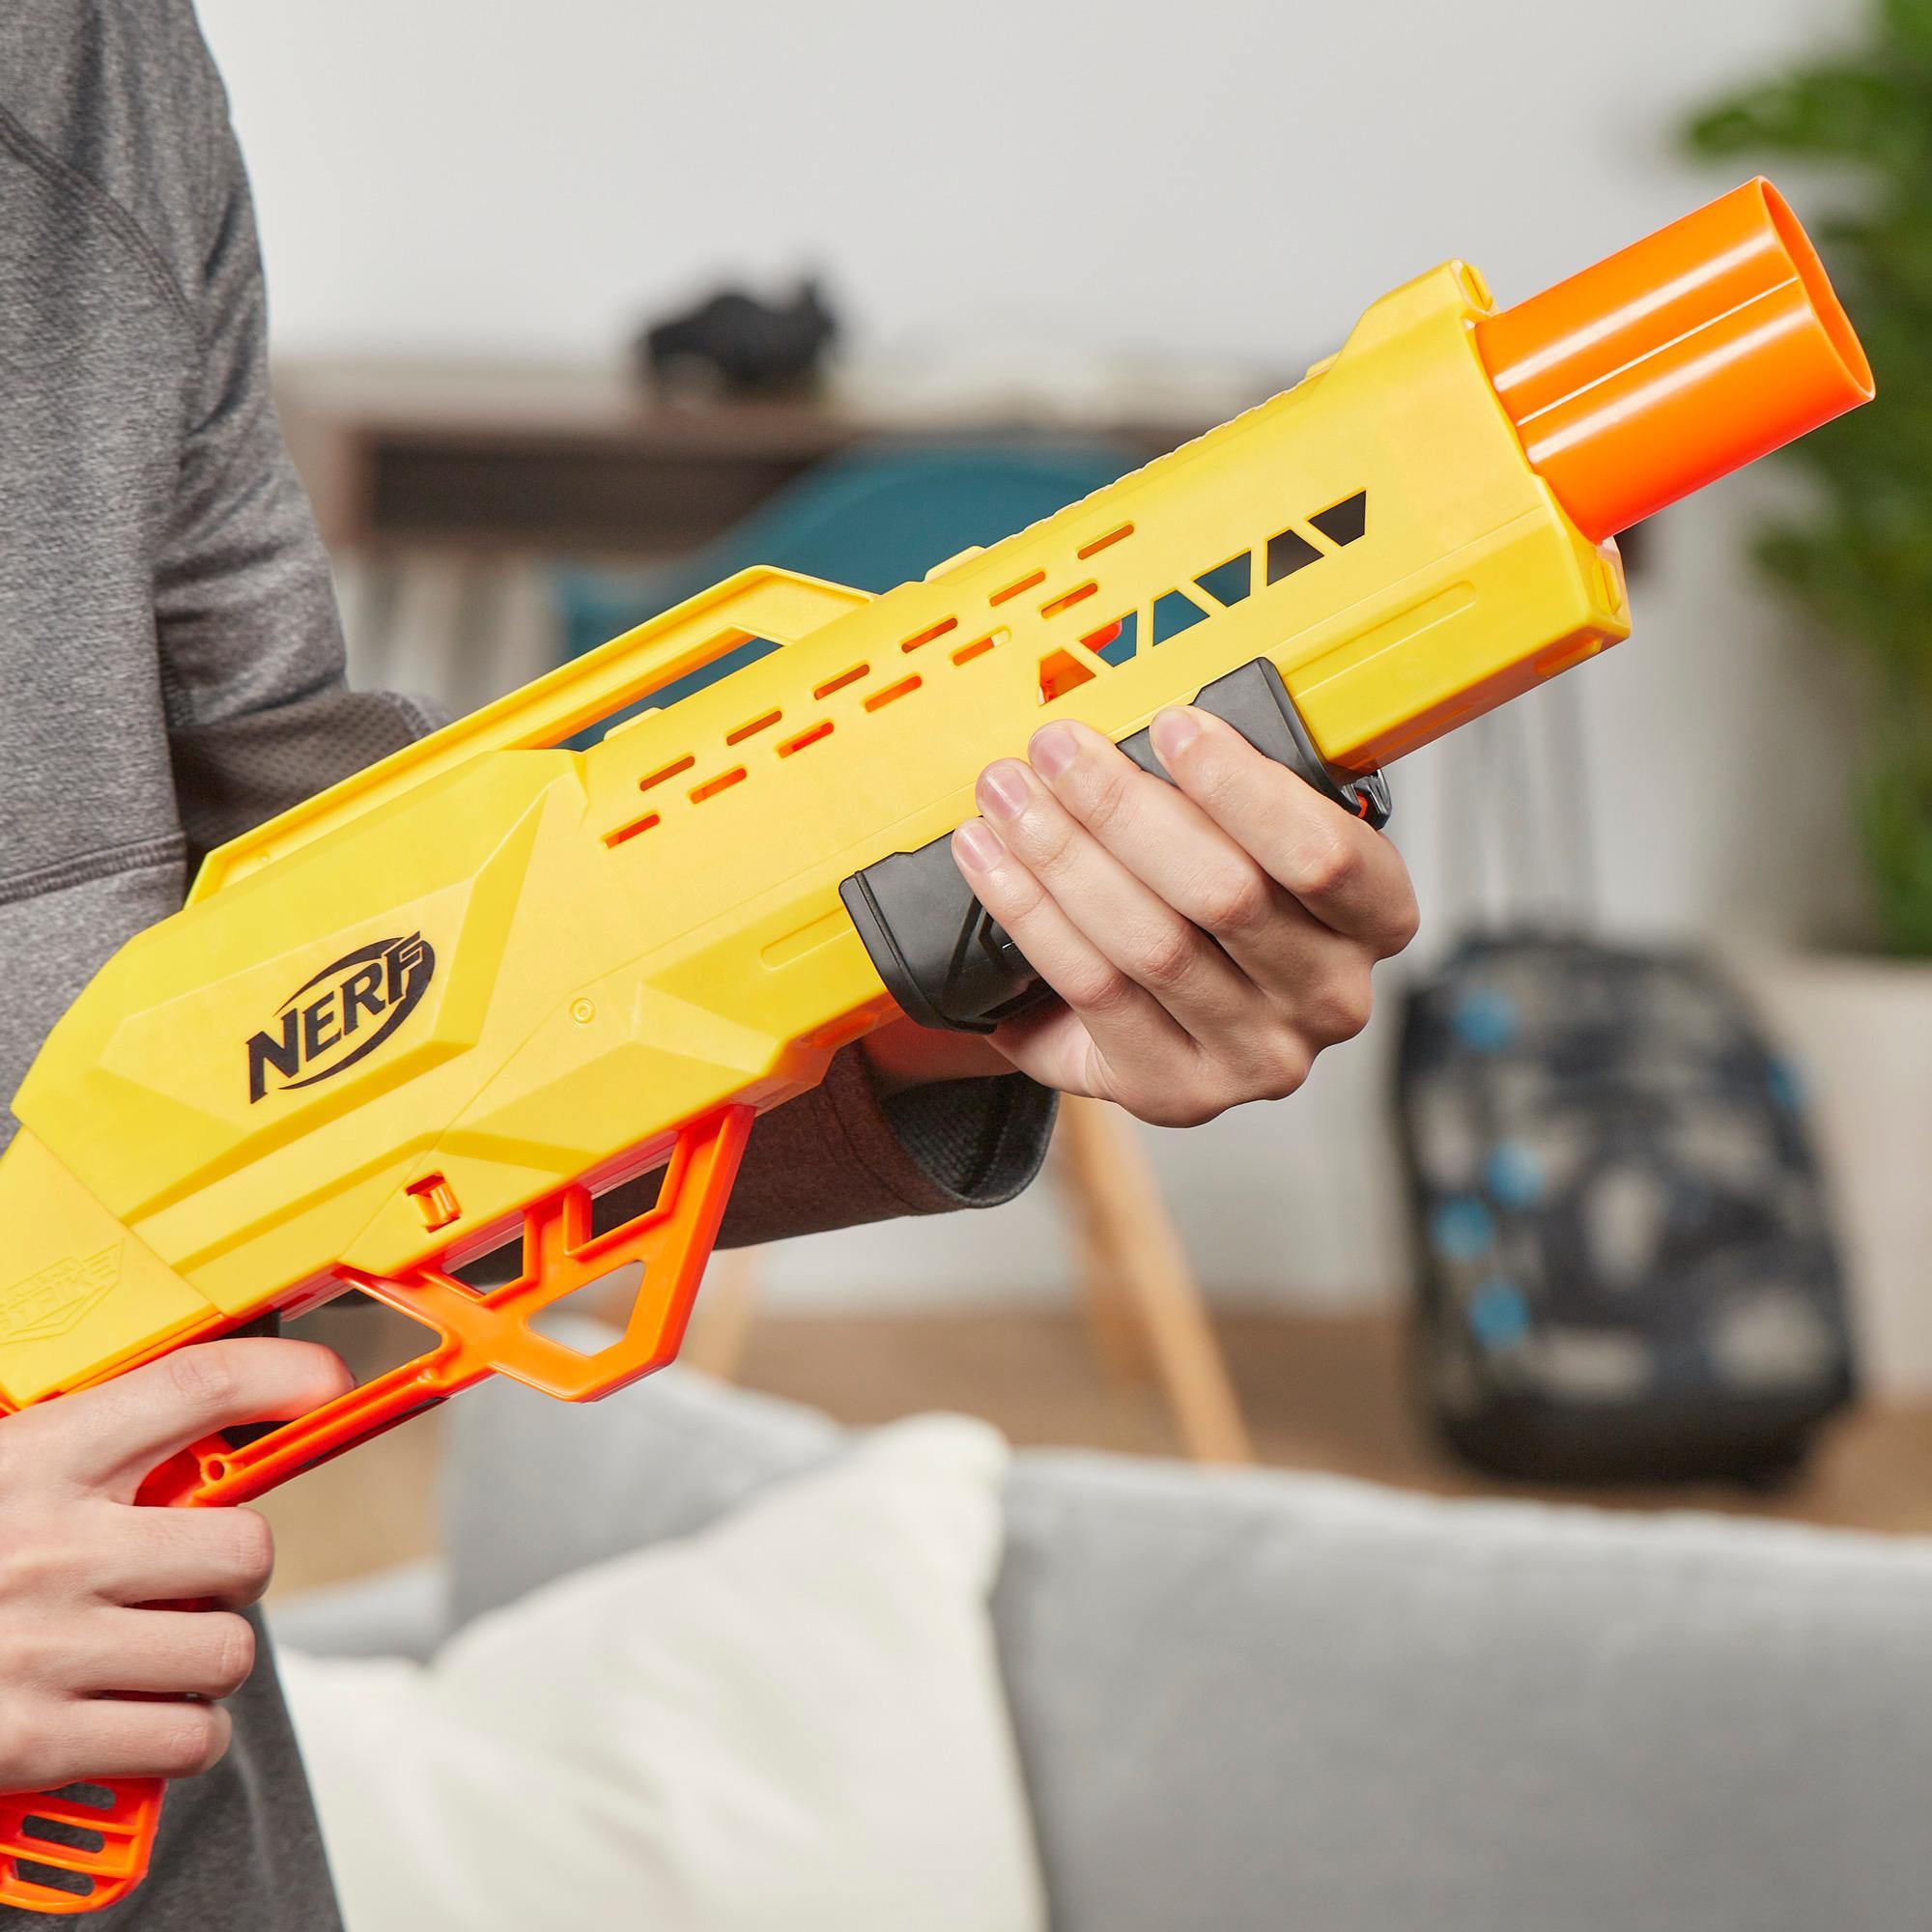 Lanzador de juguete Tiger DB-2 Nerf Alpha Strike - Incluye 12 dardos Nerf Elite oficiales - Para niños, adolescentes y adultos